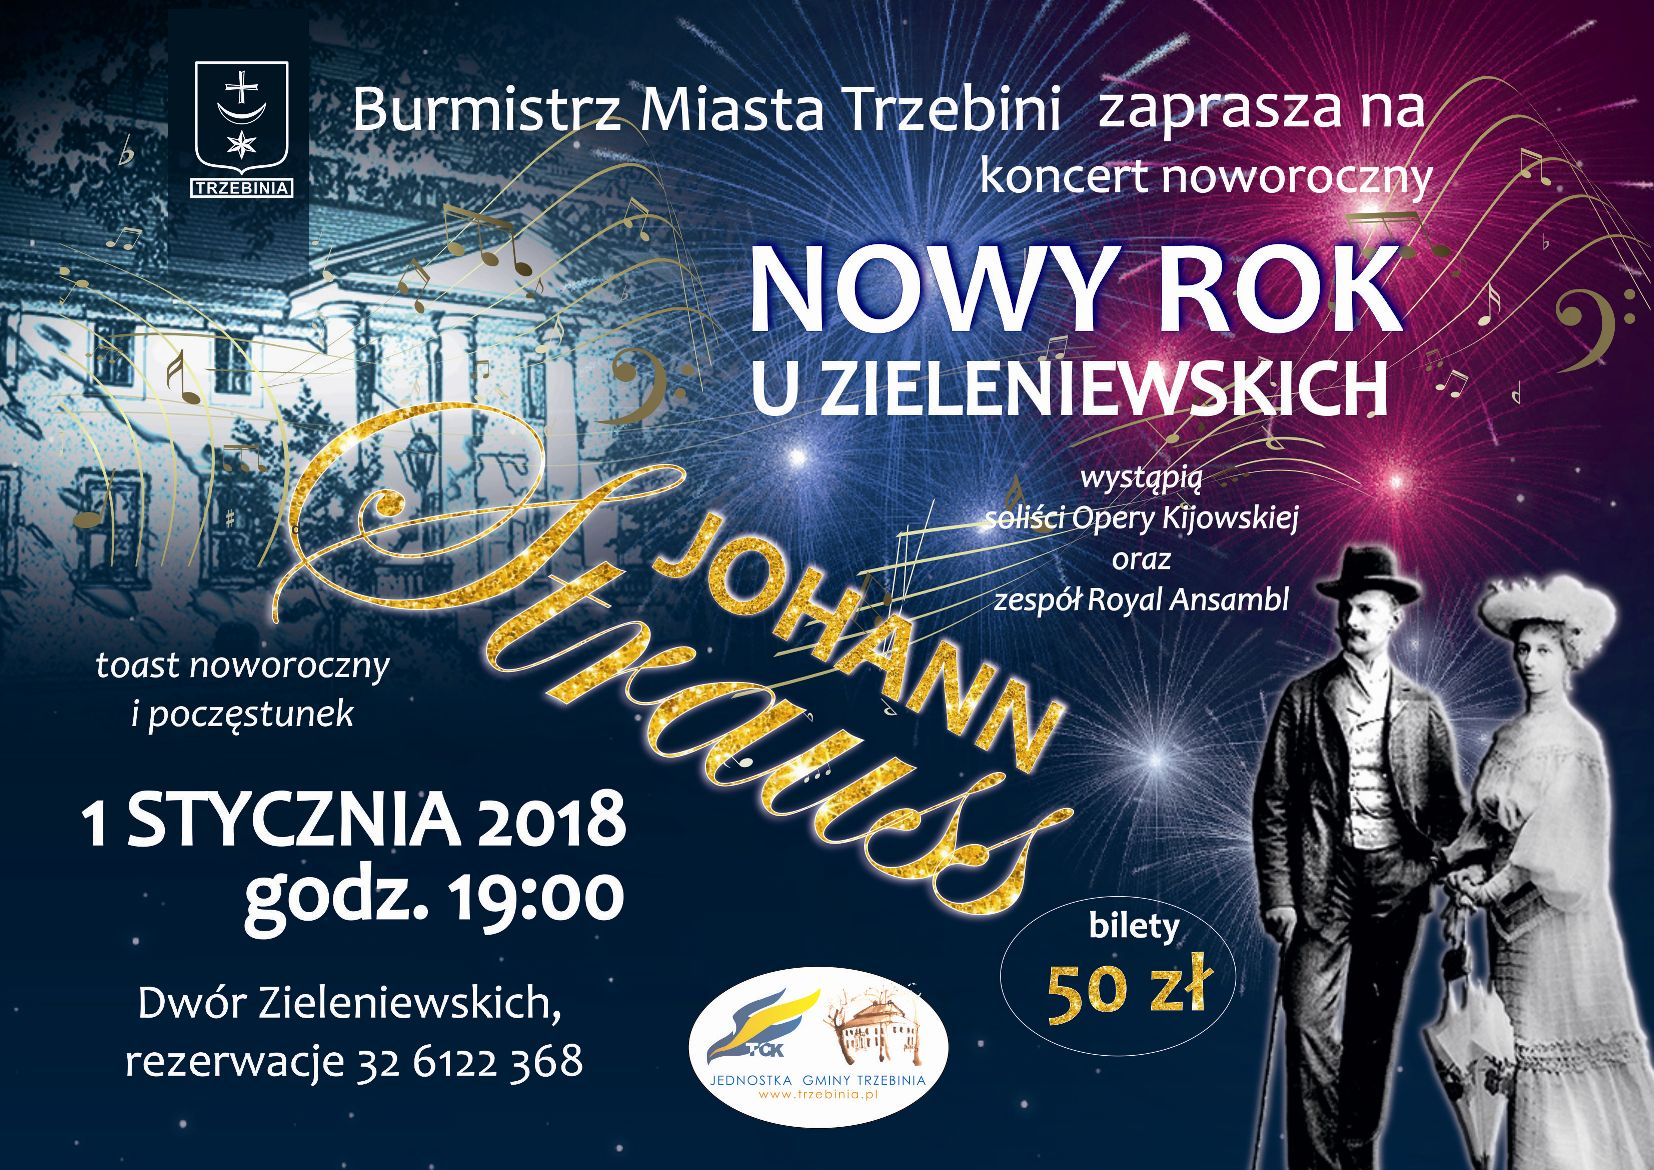 Nowy Rok u Zieleniewskich - koncert noworoczny